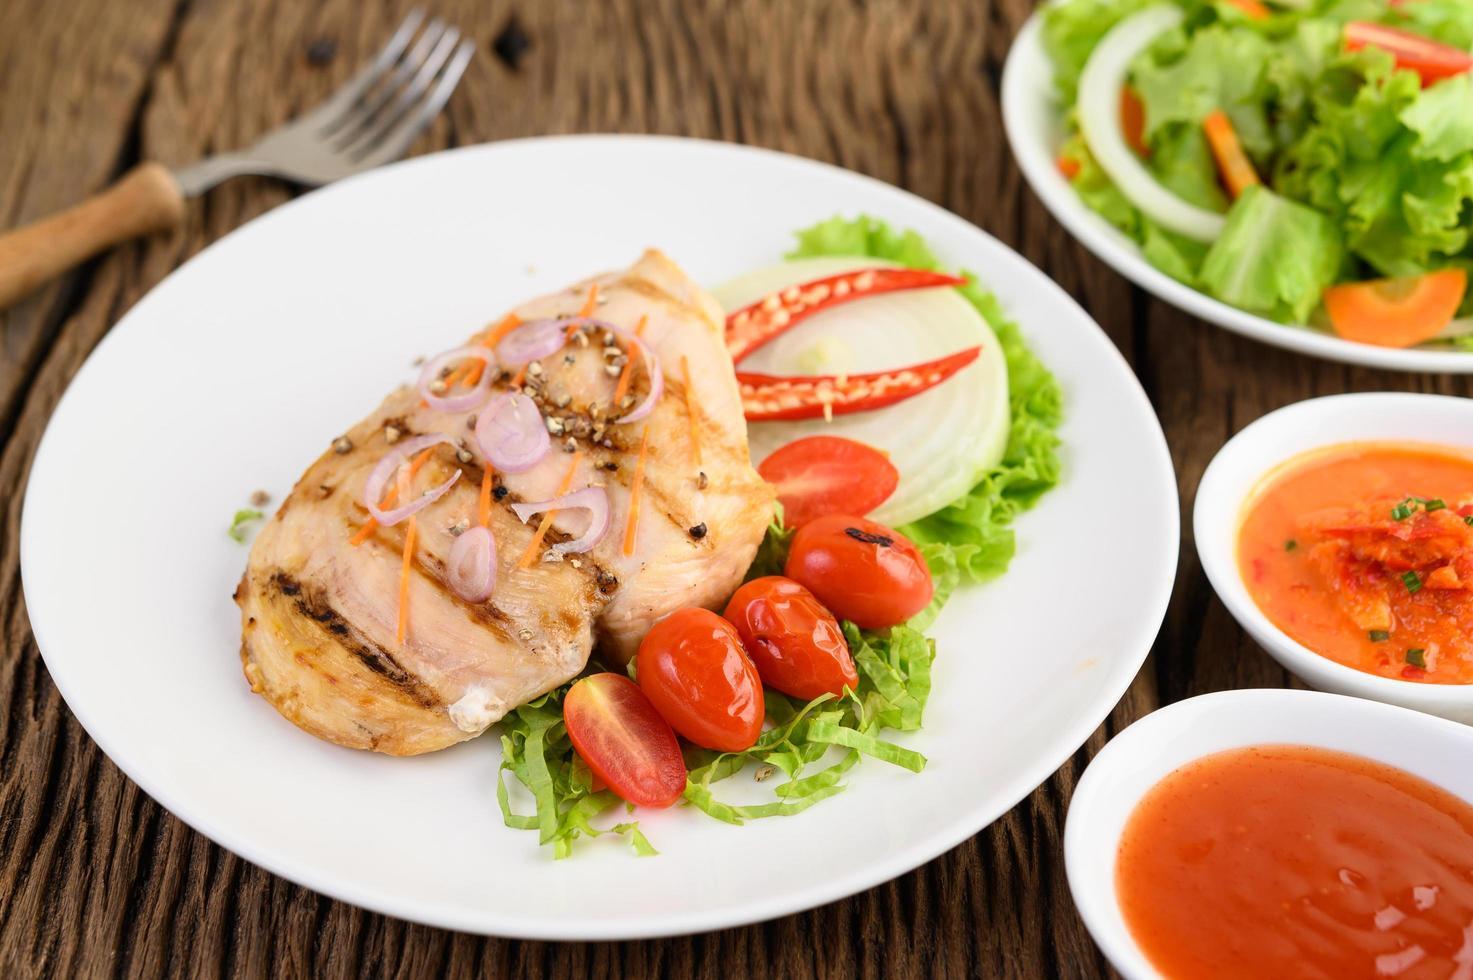 poulet grillé avec légumes grillés et salade photo